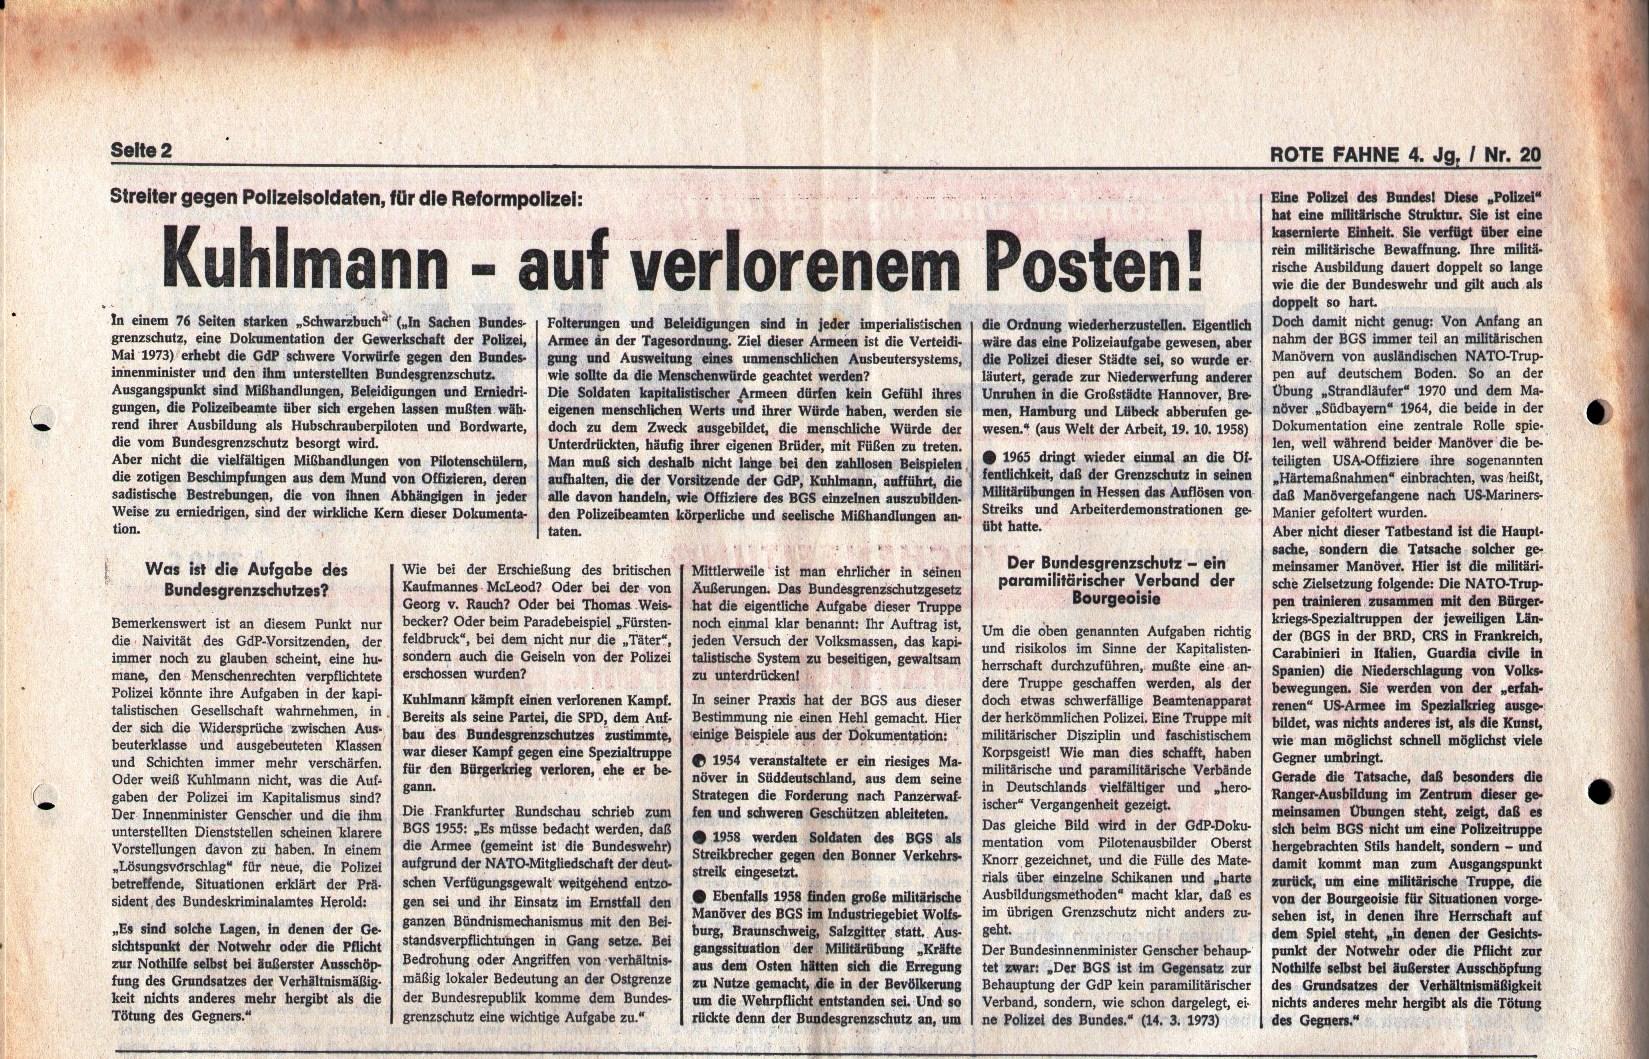 KPD_Rote_Fahne_1973_20_03